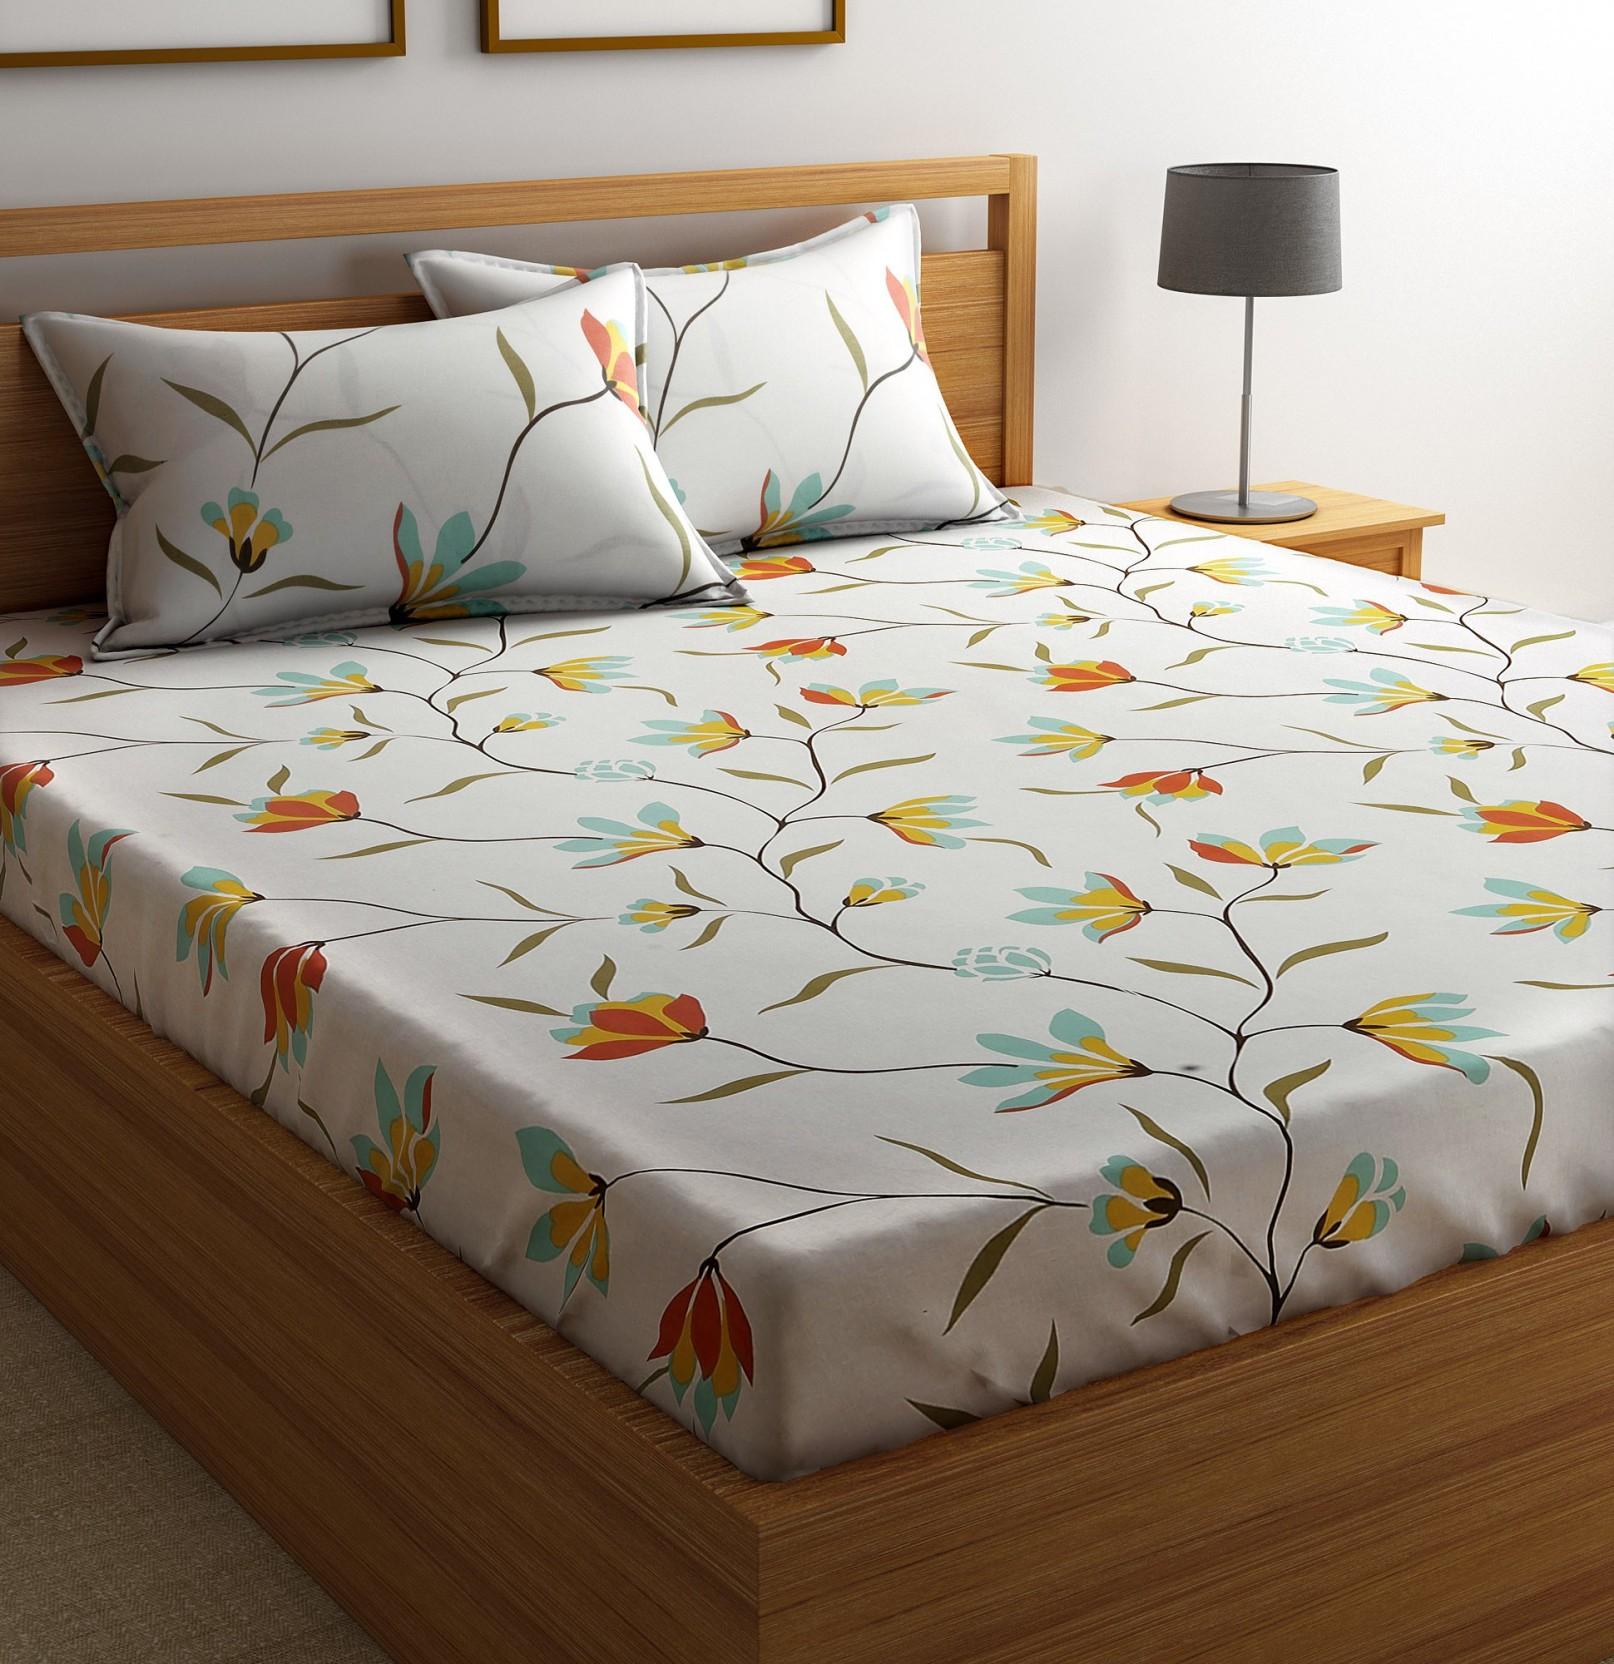 Best Cotton Sheets Flipkart Smartbuy Cotton Floral Double Bedsheet Buy